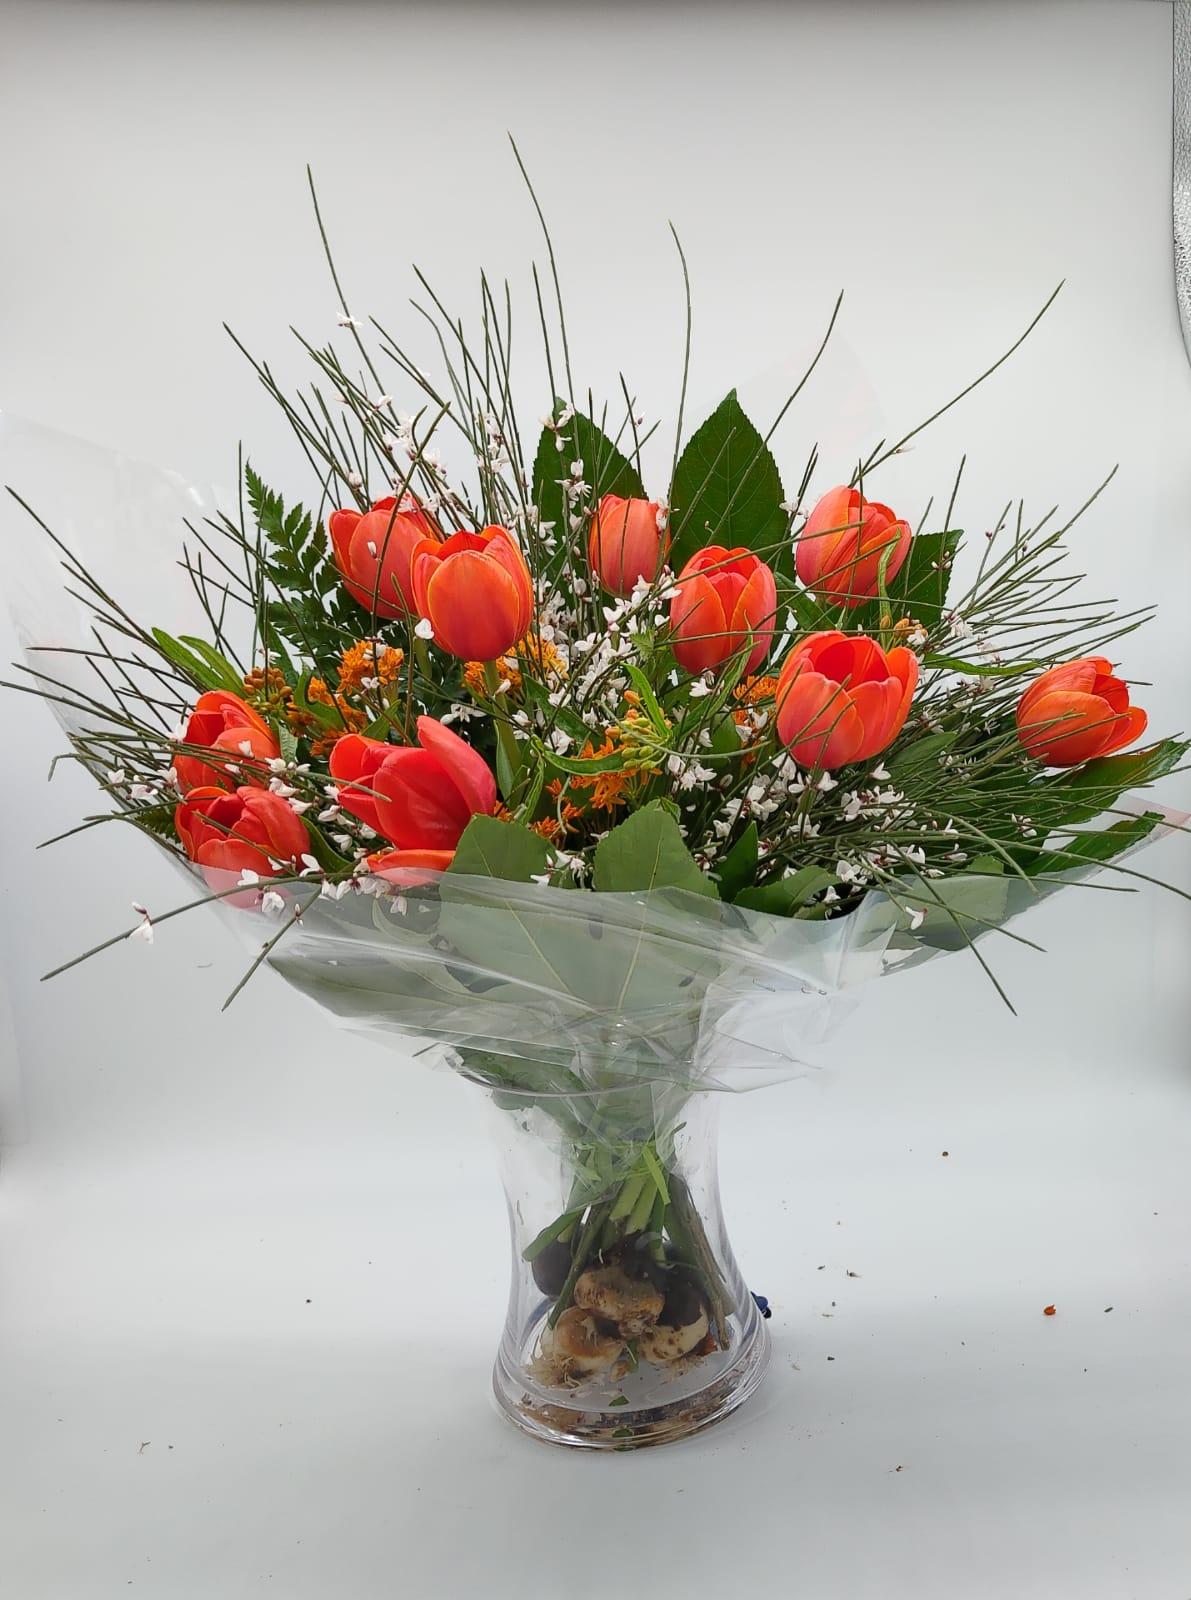 זר טוליפים  - תלתן פרחים - צפת